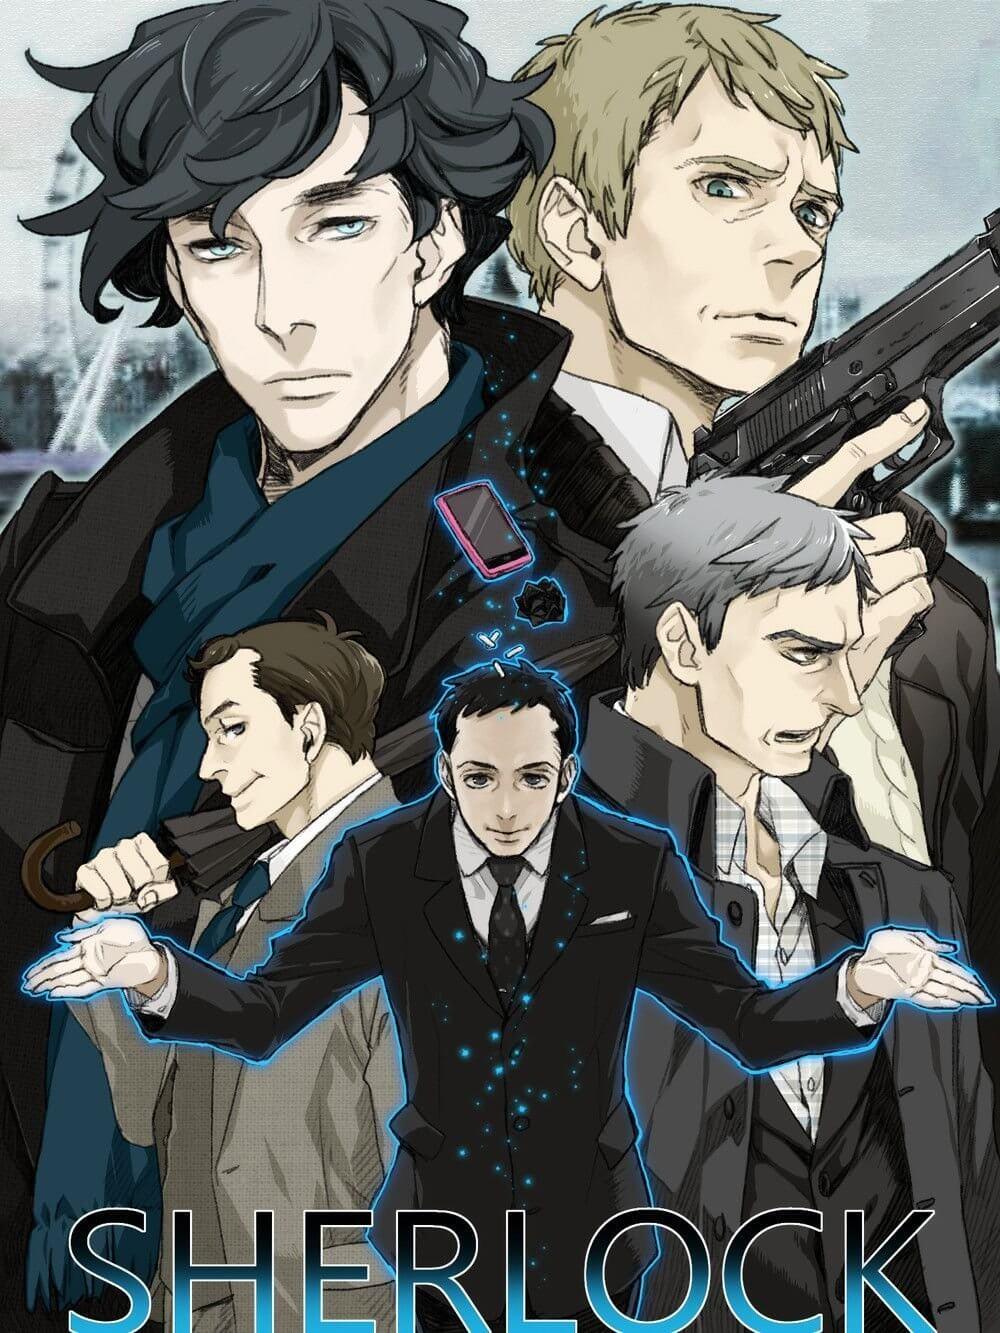 Khi các tác phẩm Hollywood kinh điển được chuyển thể thành anime Nhật Bản